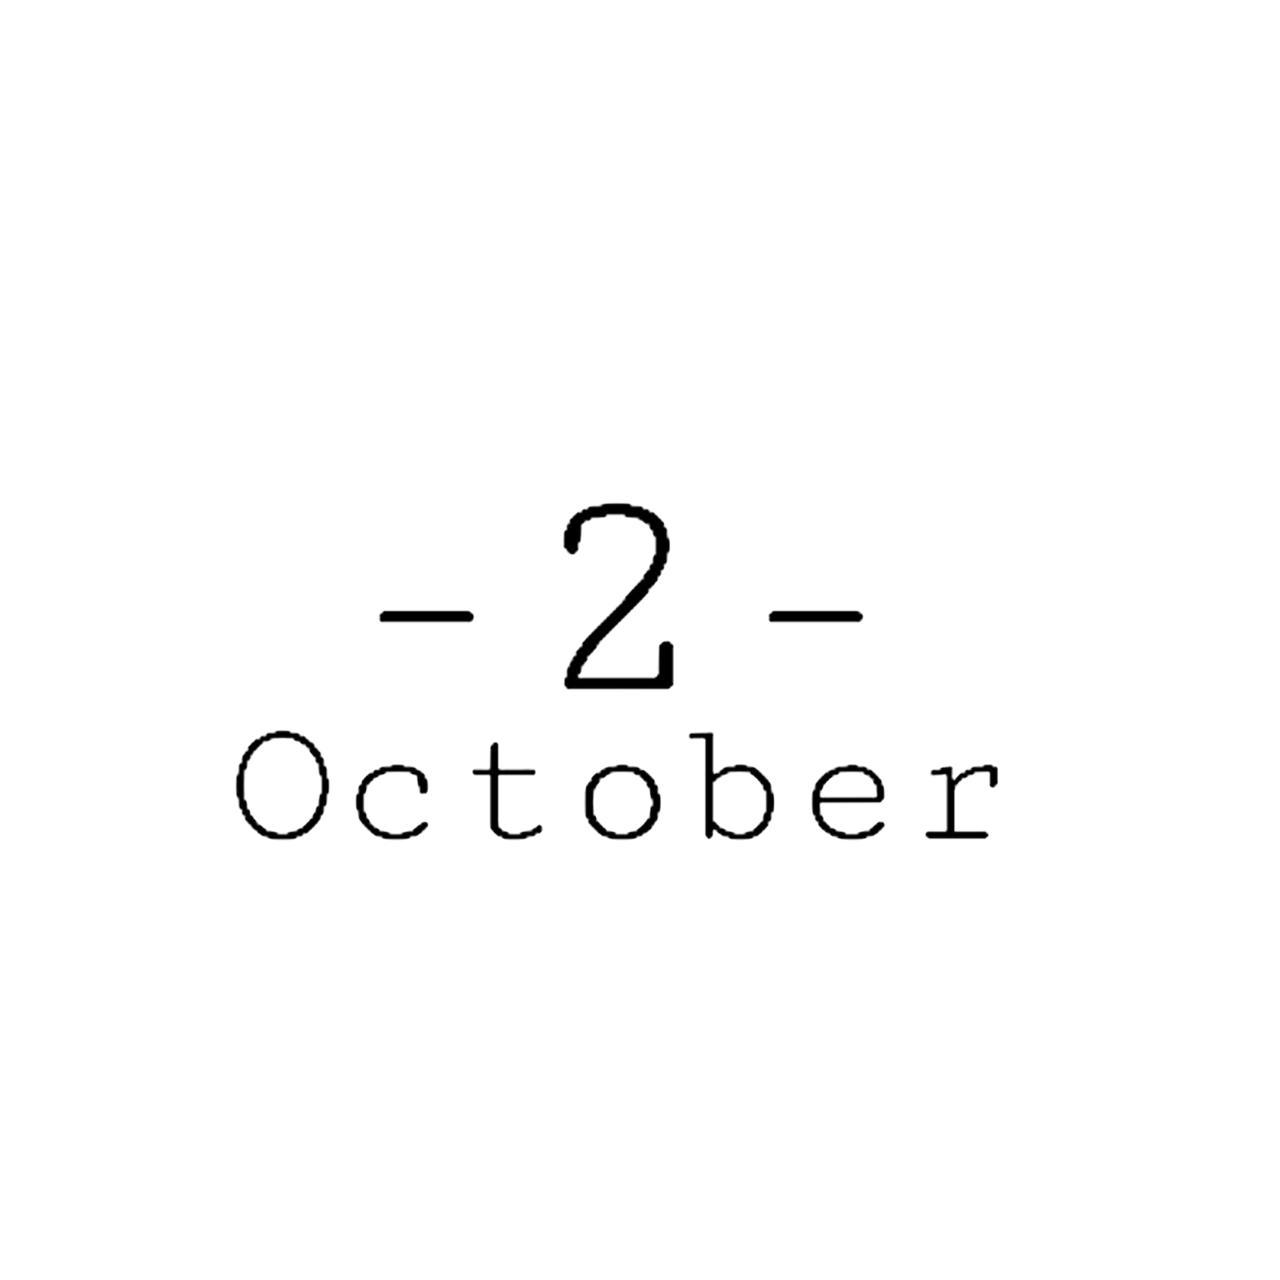 2October